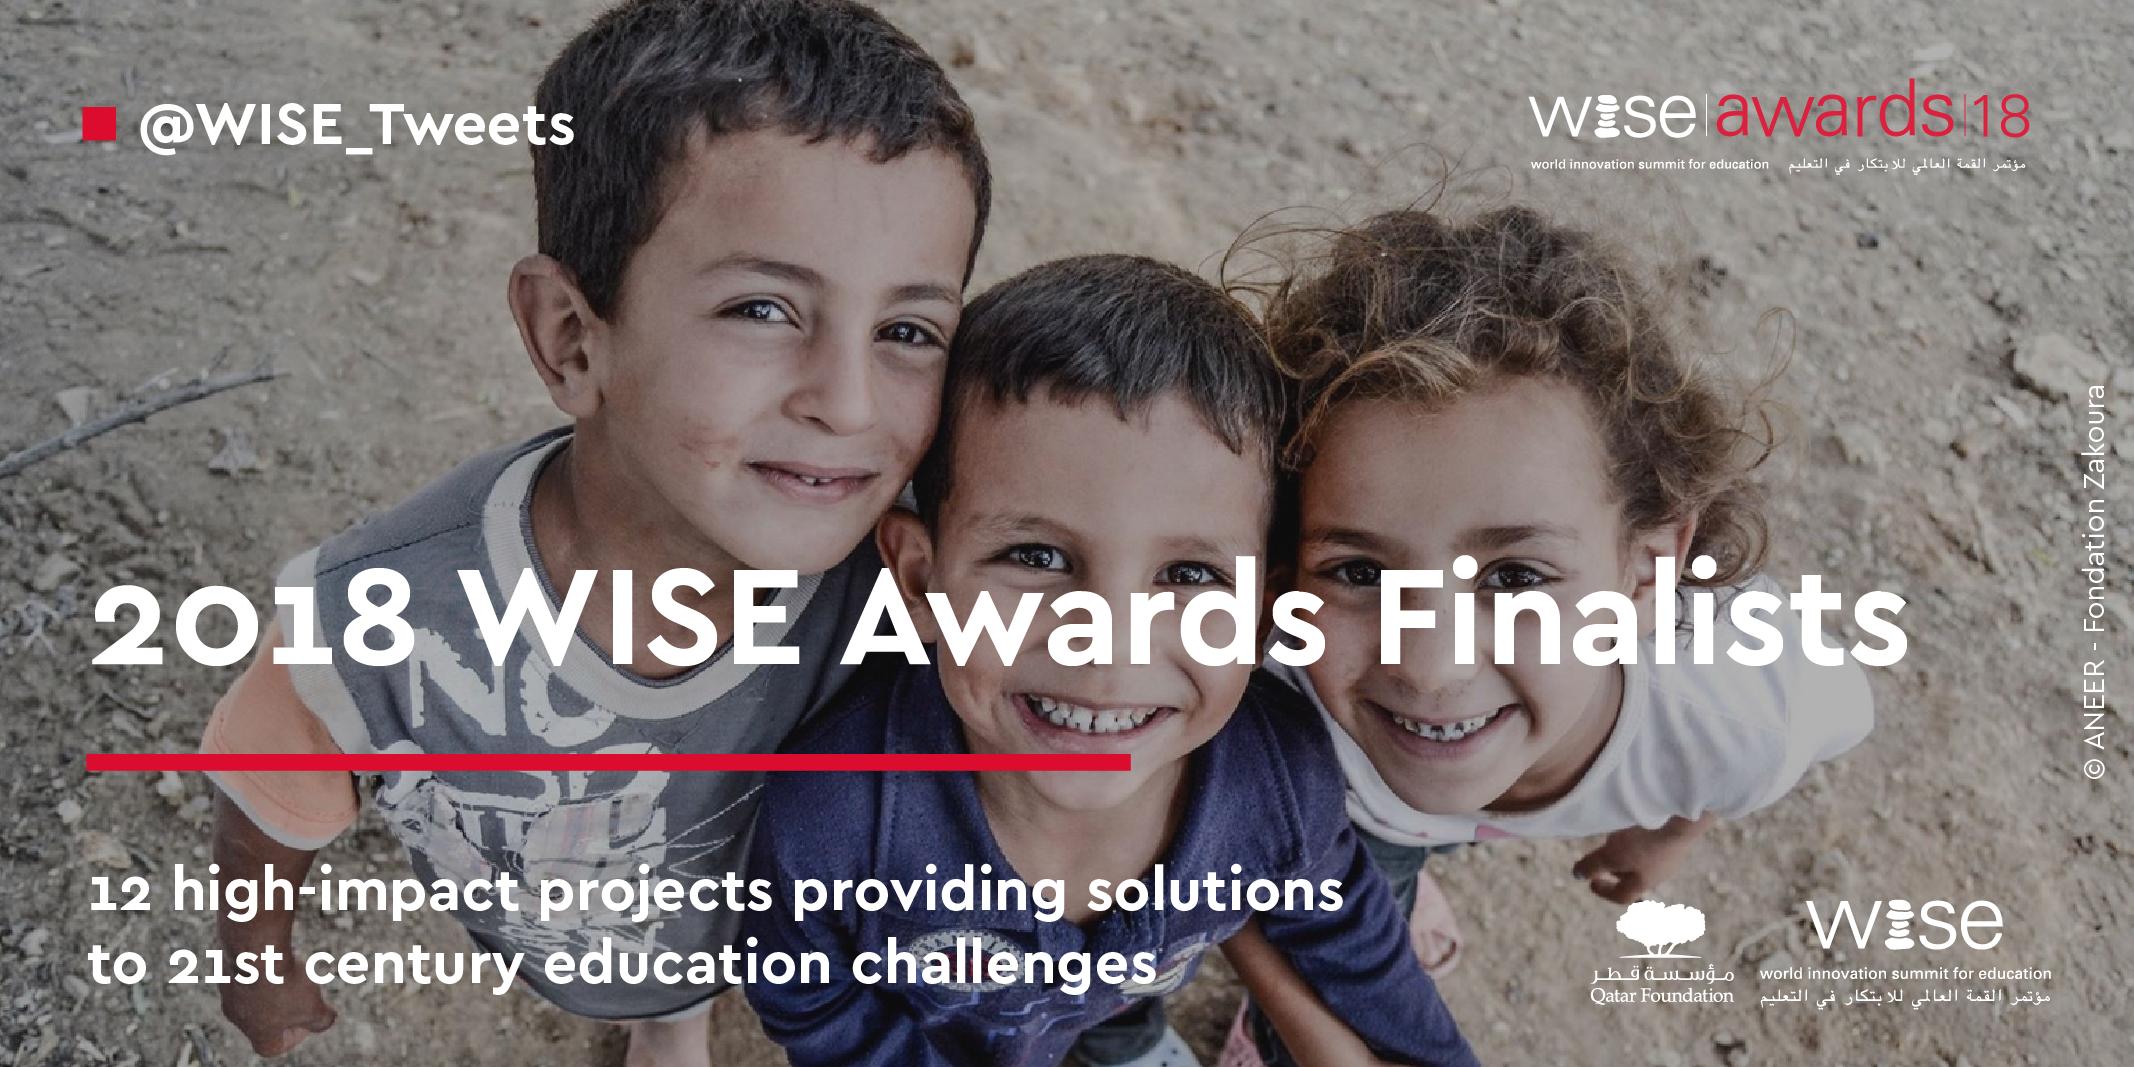 ANEER sélectionné parmi les 12 finalistes du WISE Awards 2018